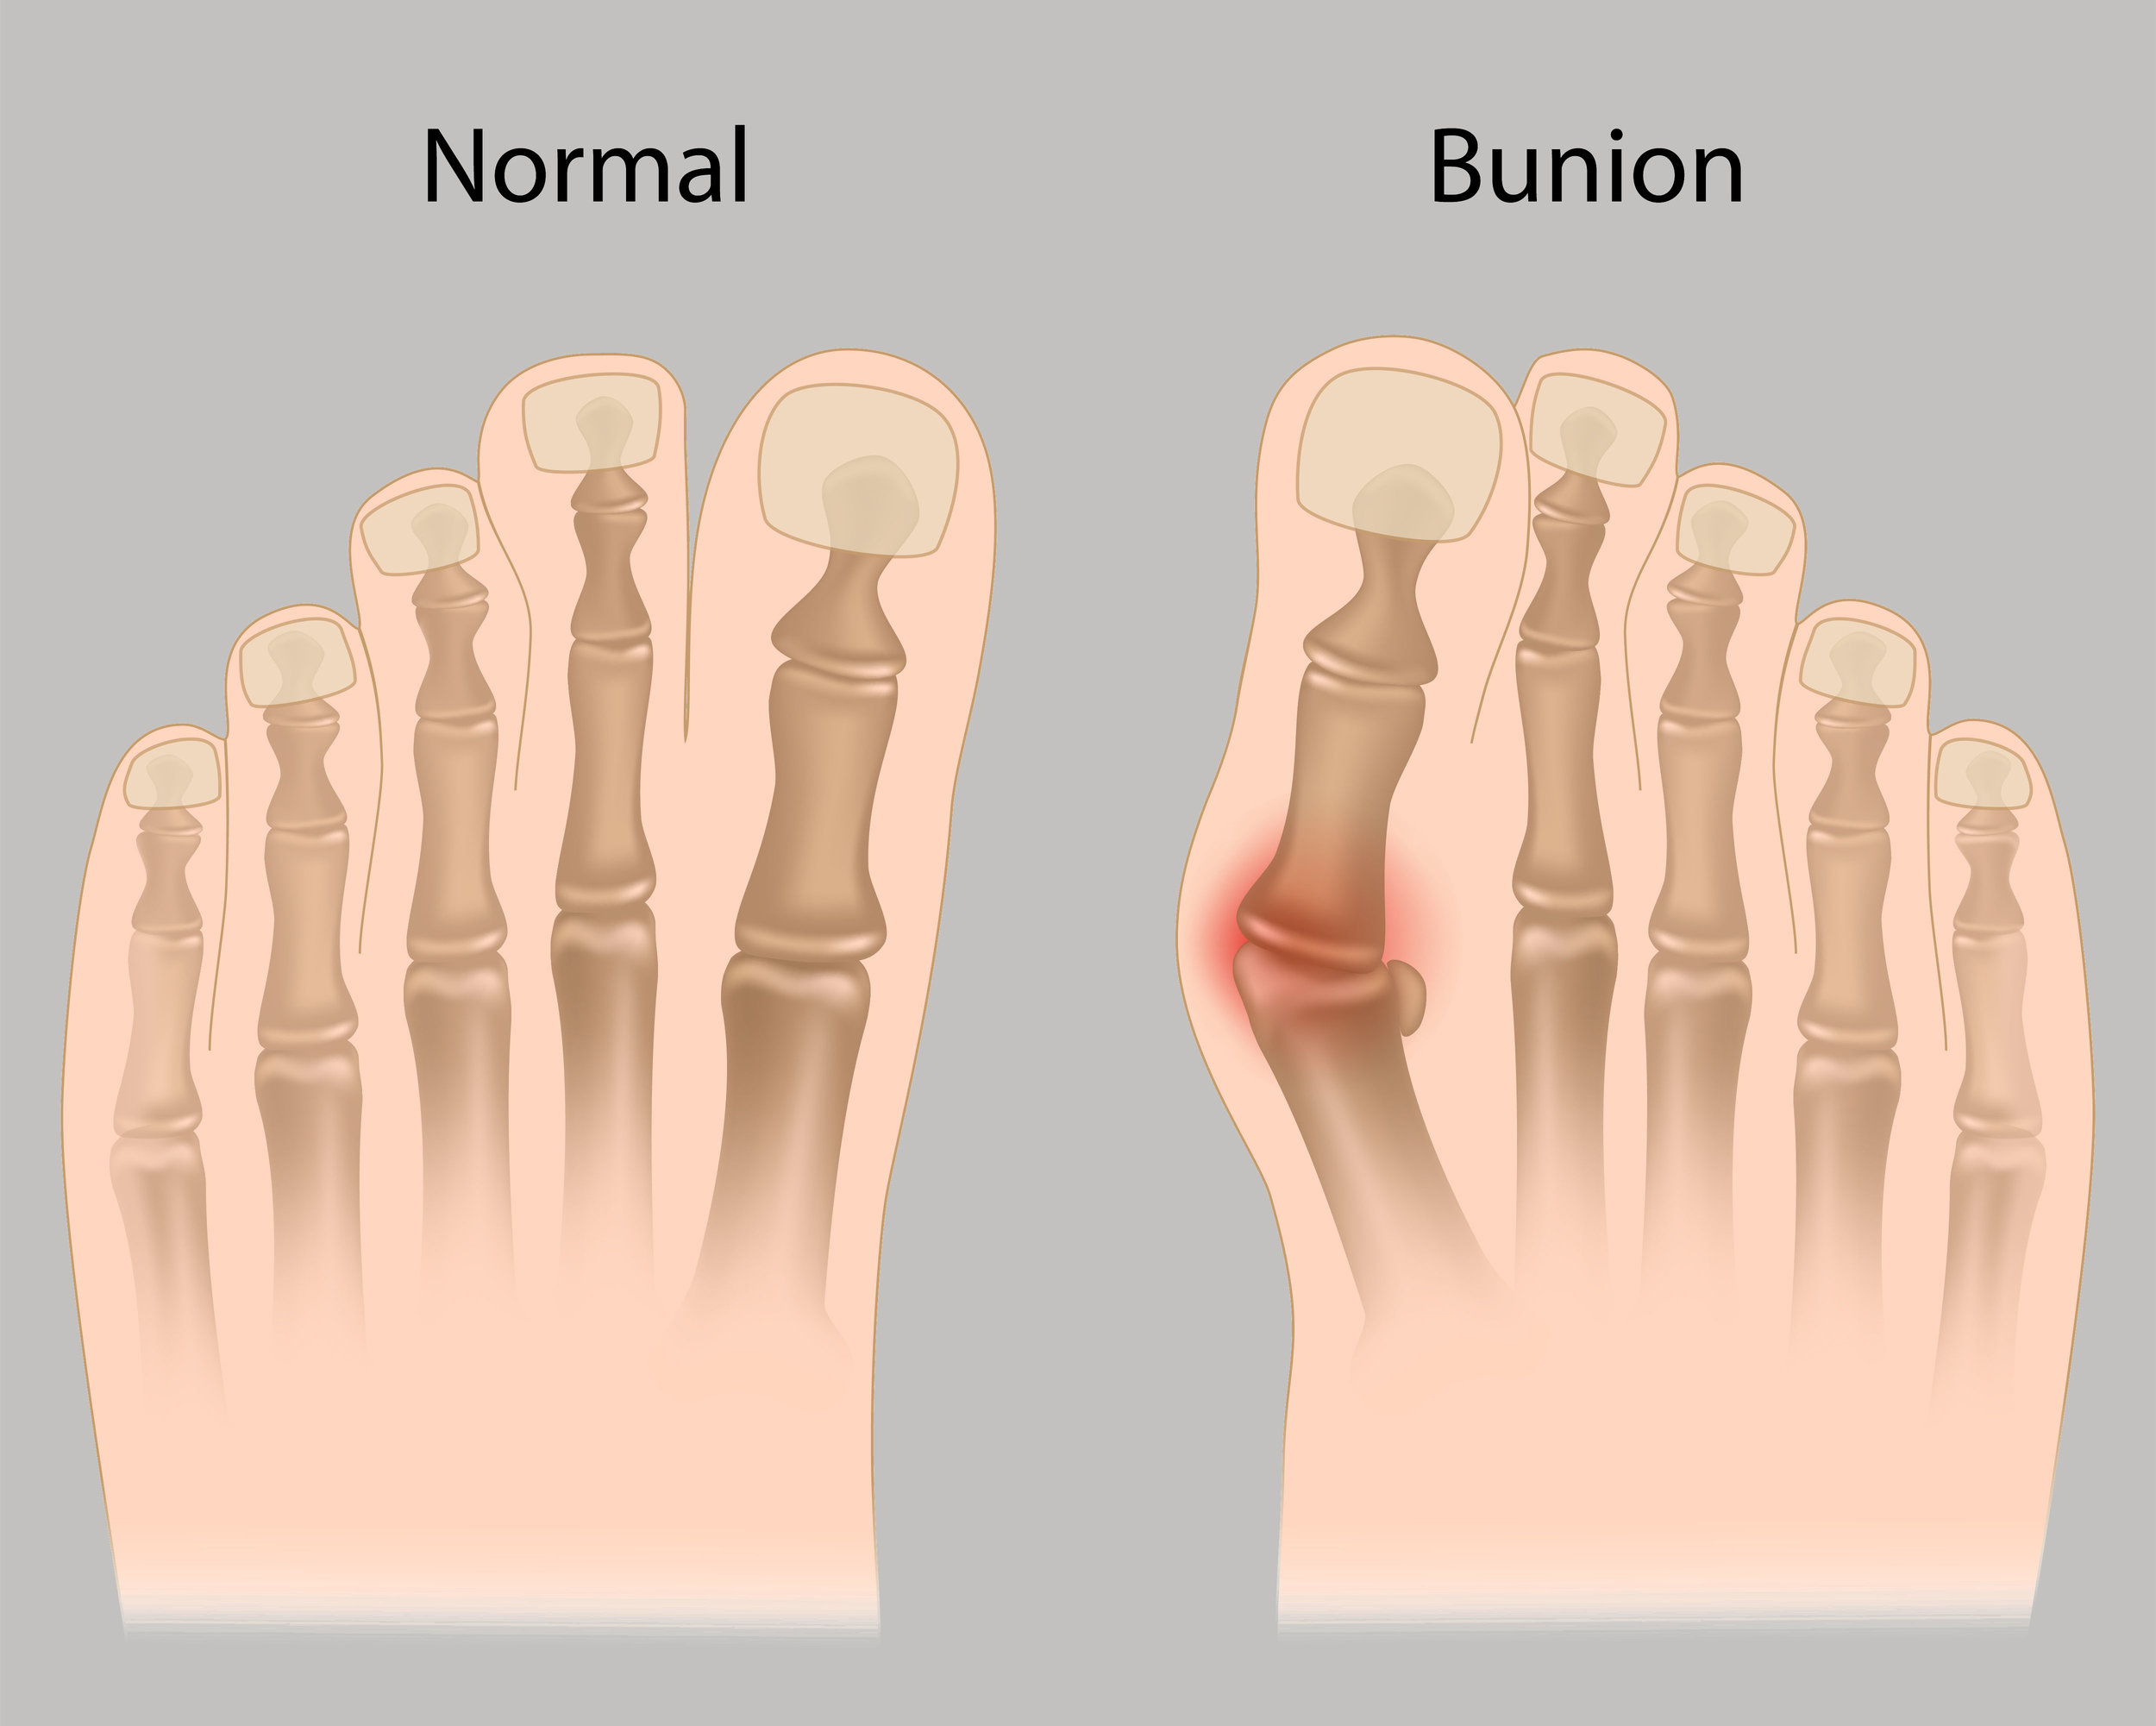 bunion pain relief westfield indiana podiatrist